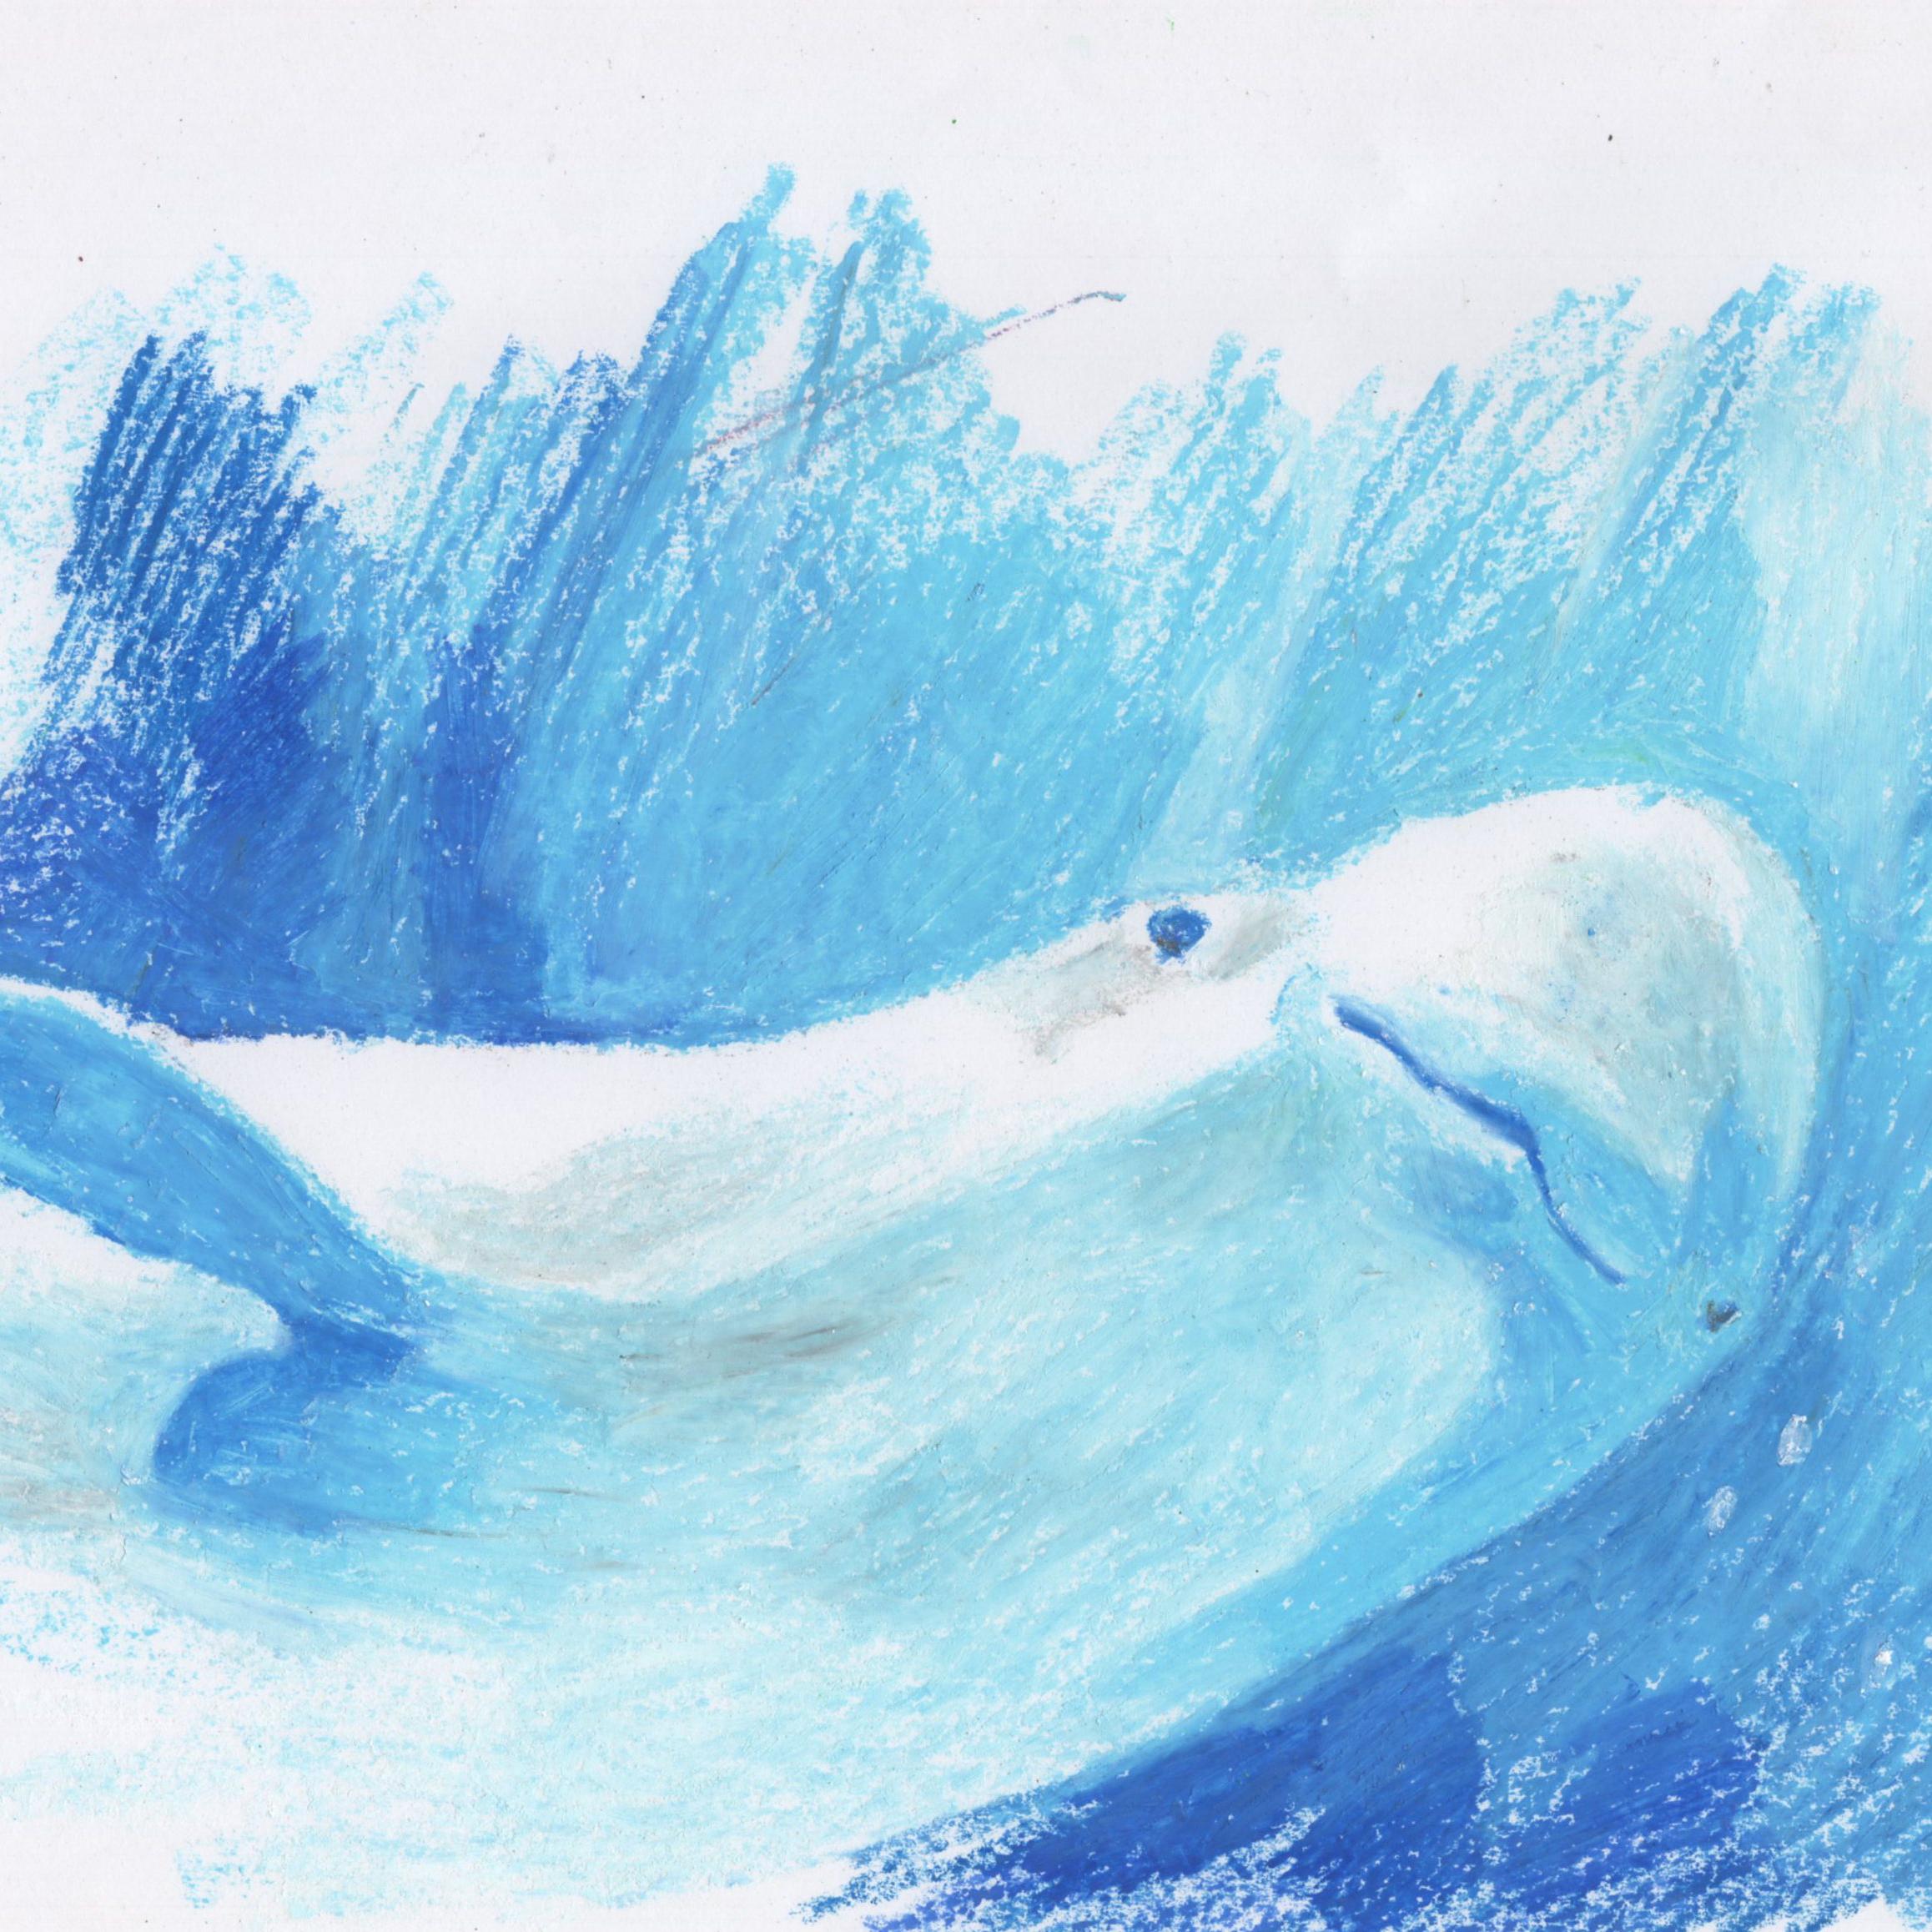 Yangtze finless porpoise